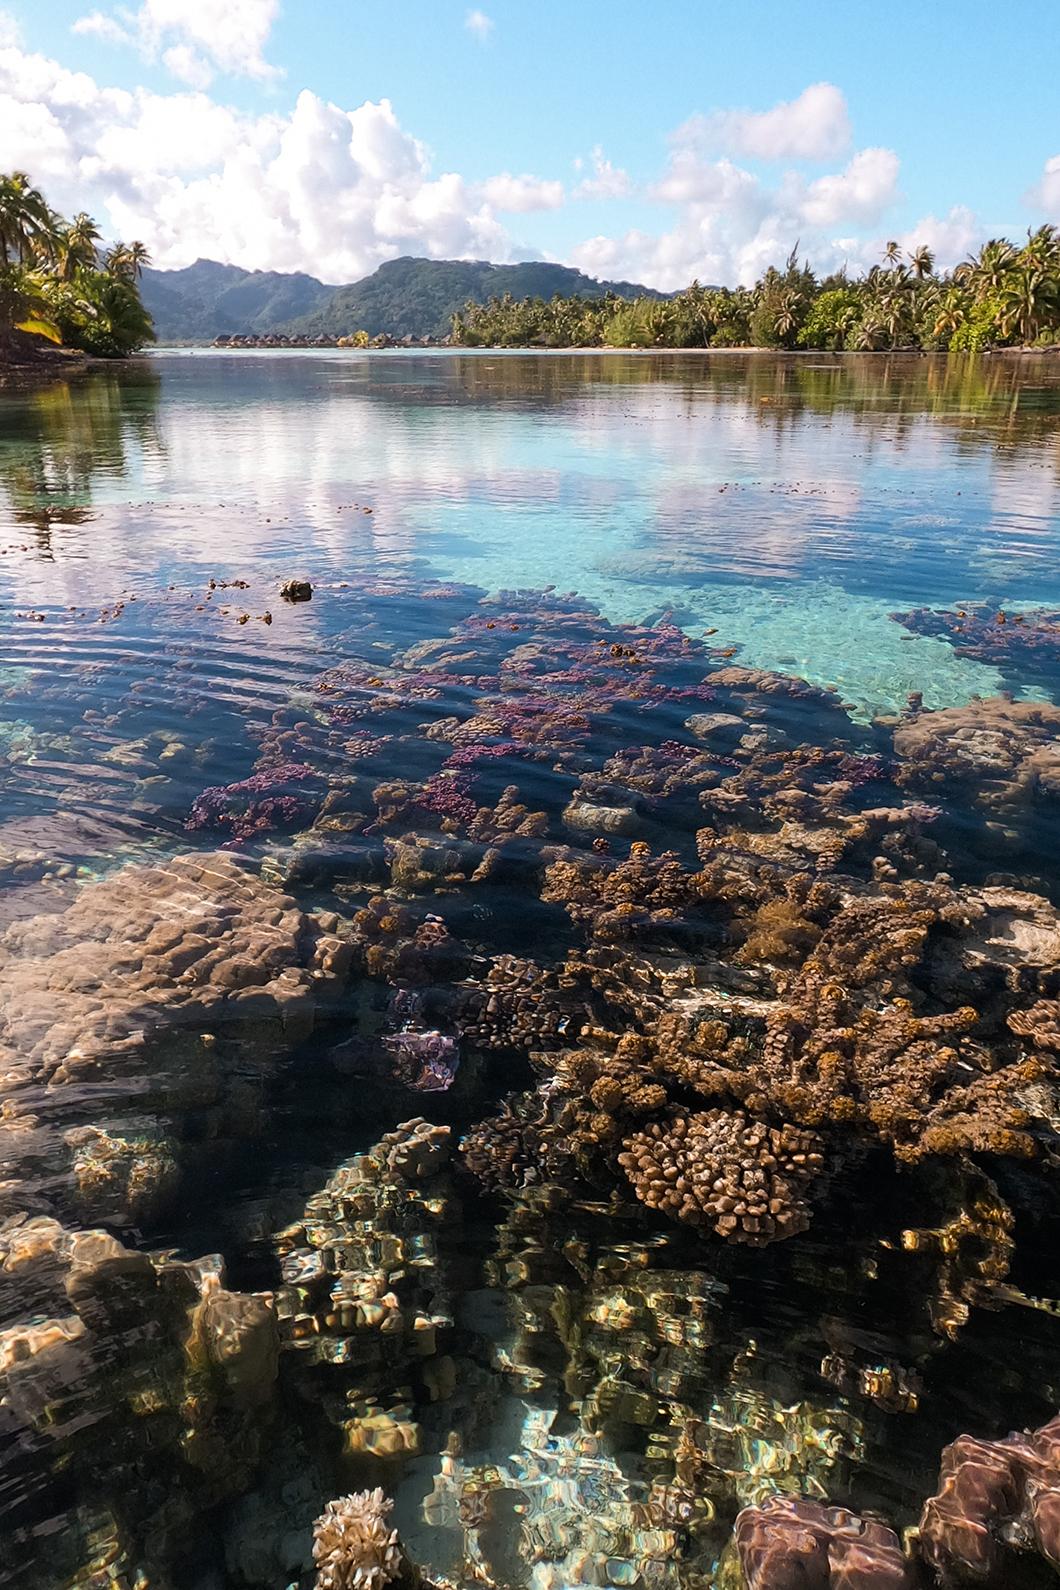 Jardin de corail du Taha'a Island Resort and Spa, incontournable à faire à Taha'a